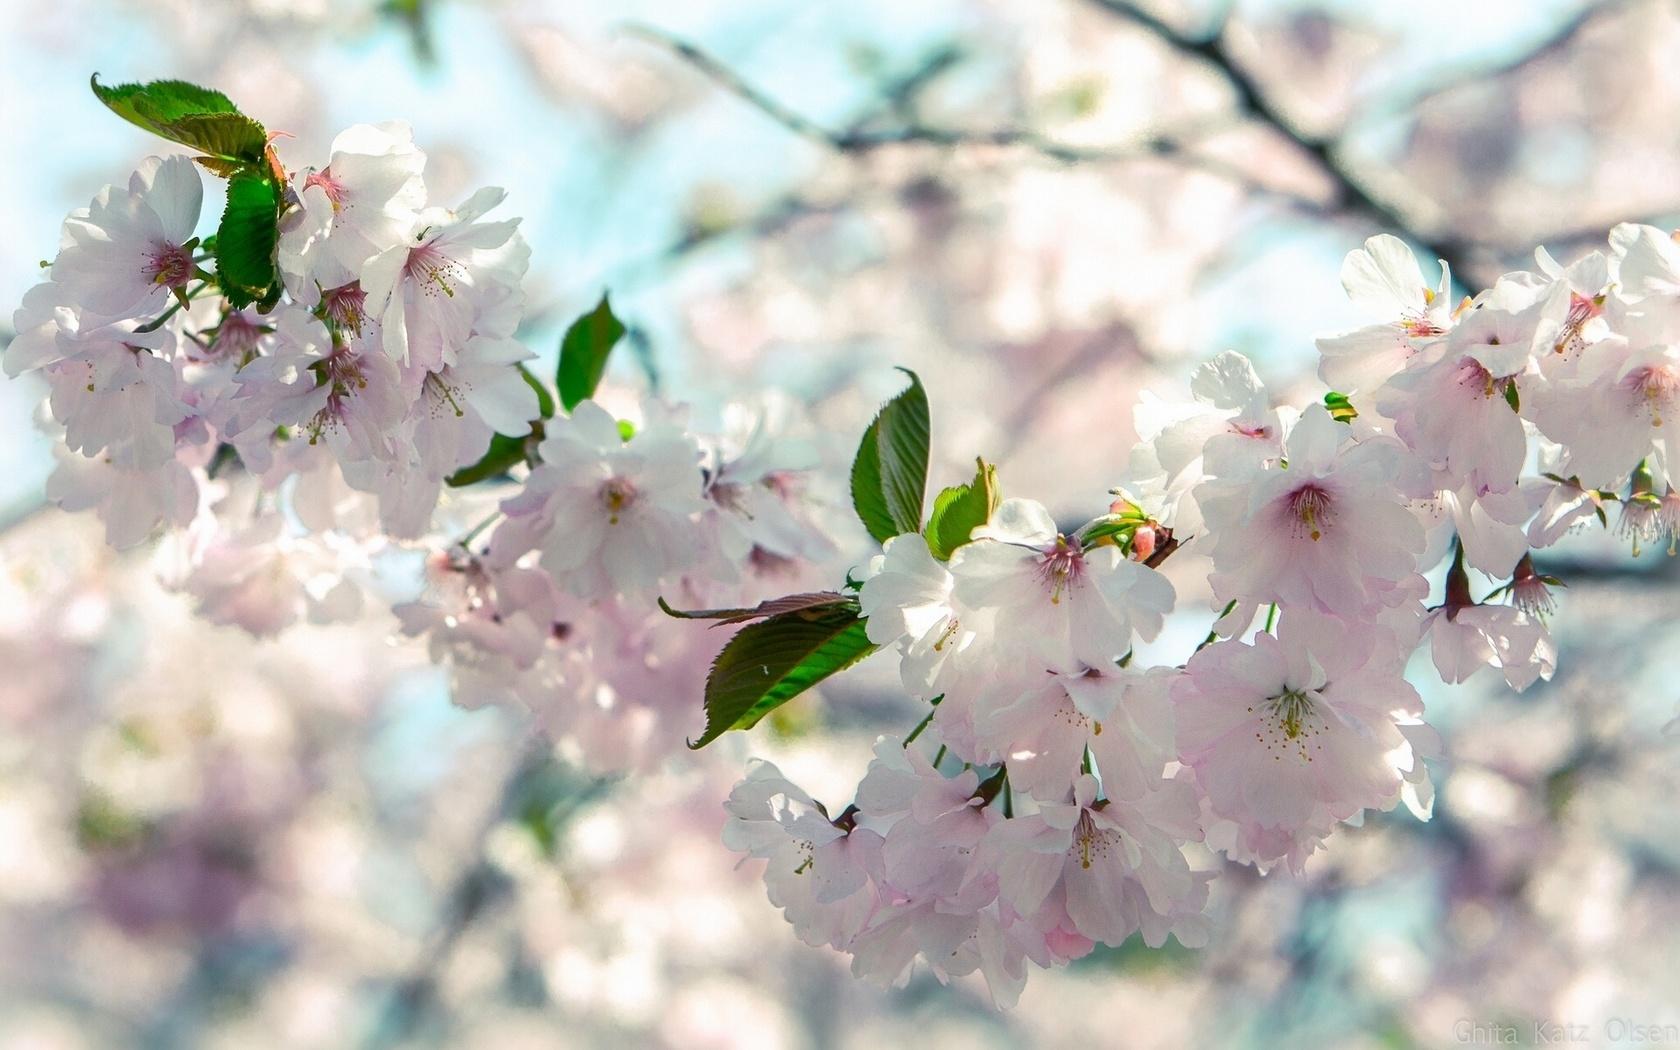 при картинки весна в очень высоком разрешении привлекает необычная форма